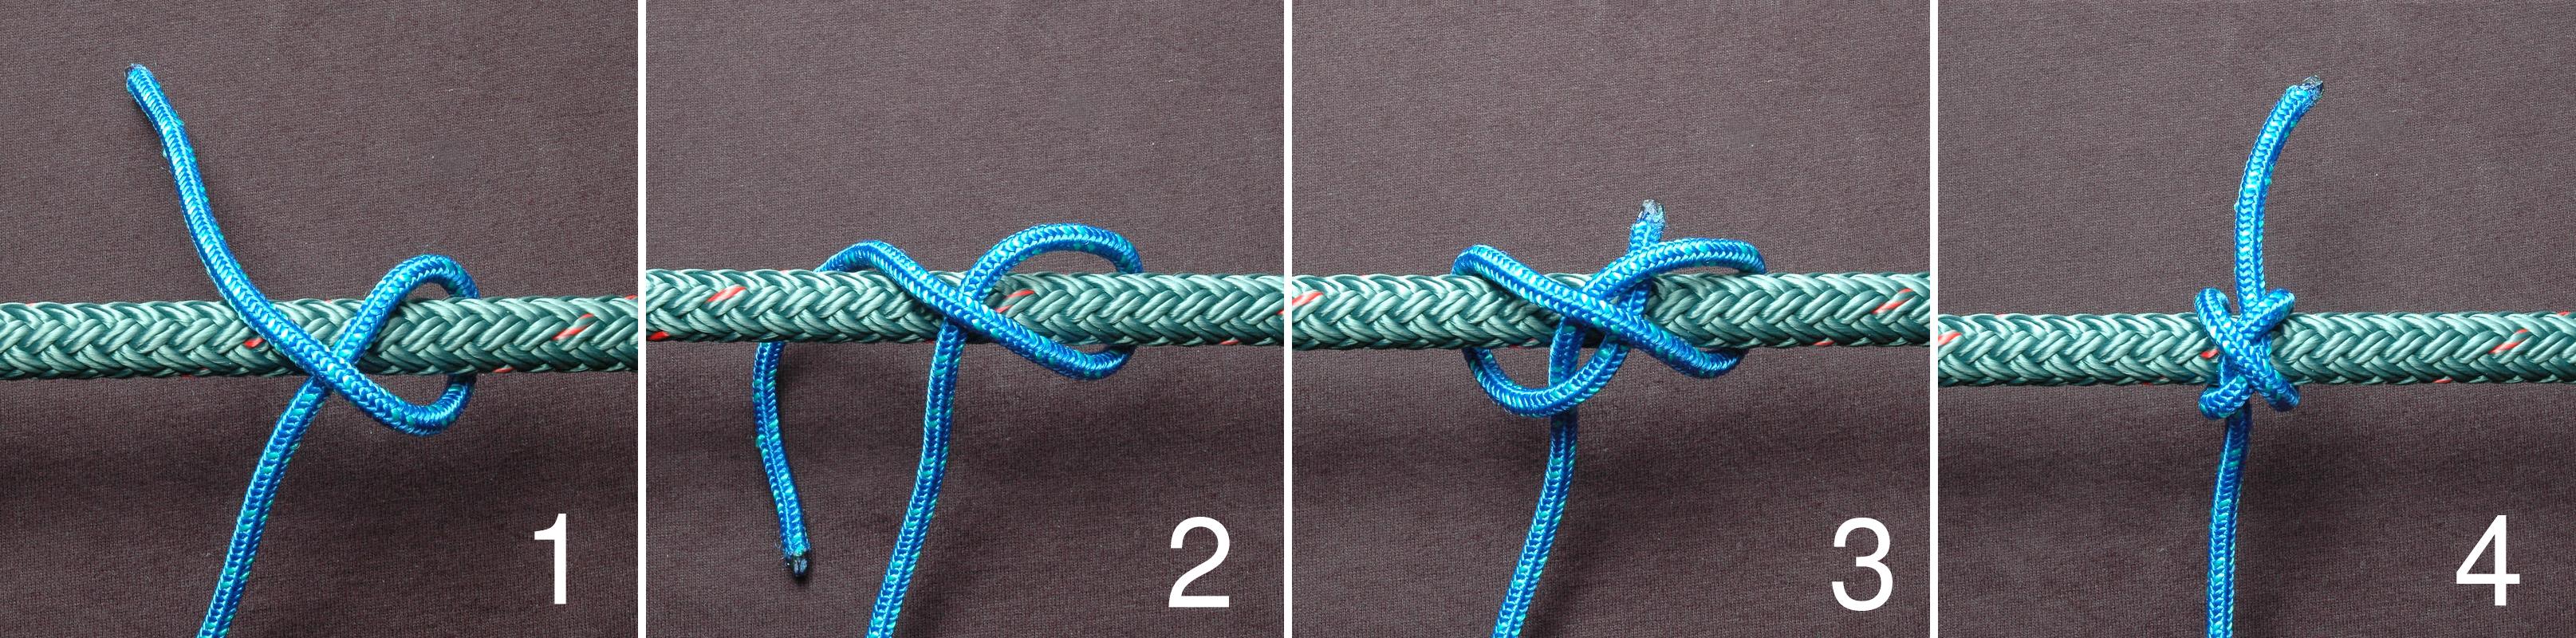 Как сделать надёжный узел